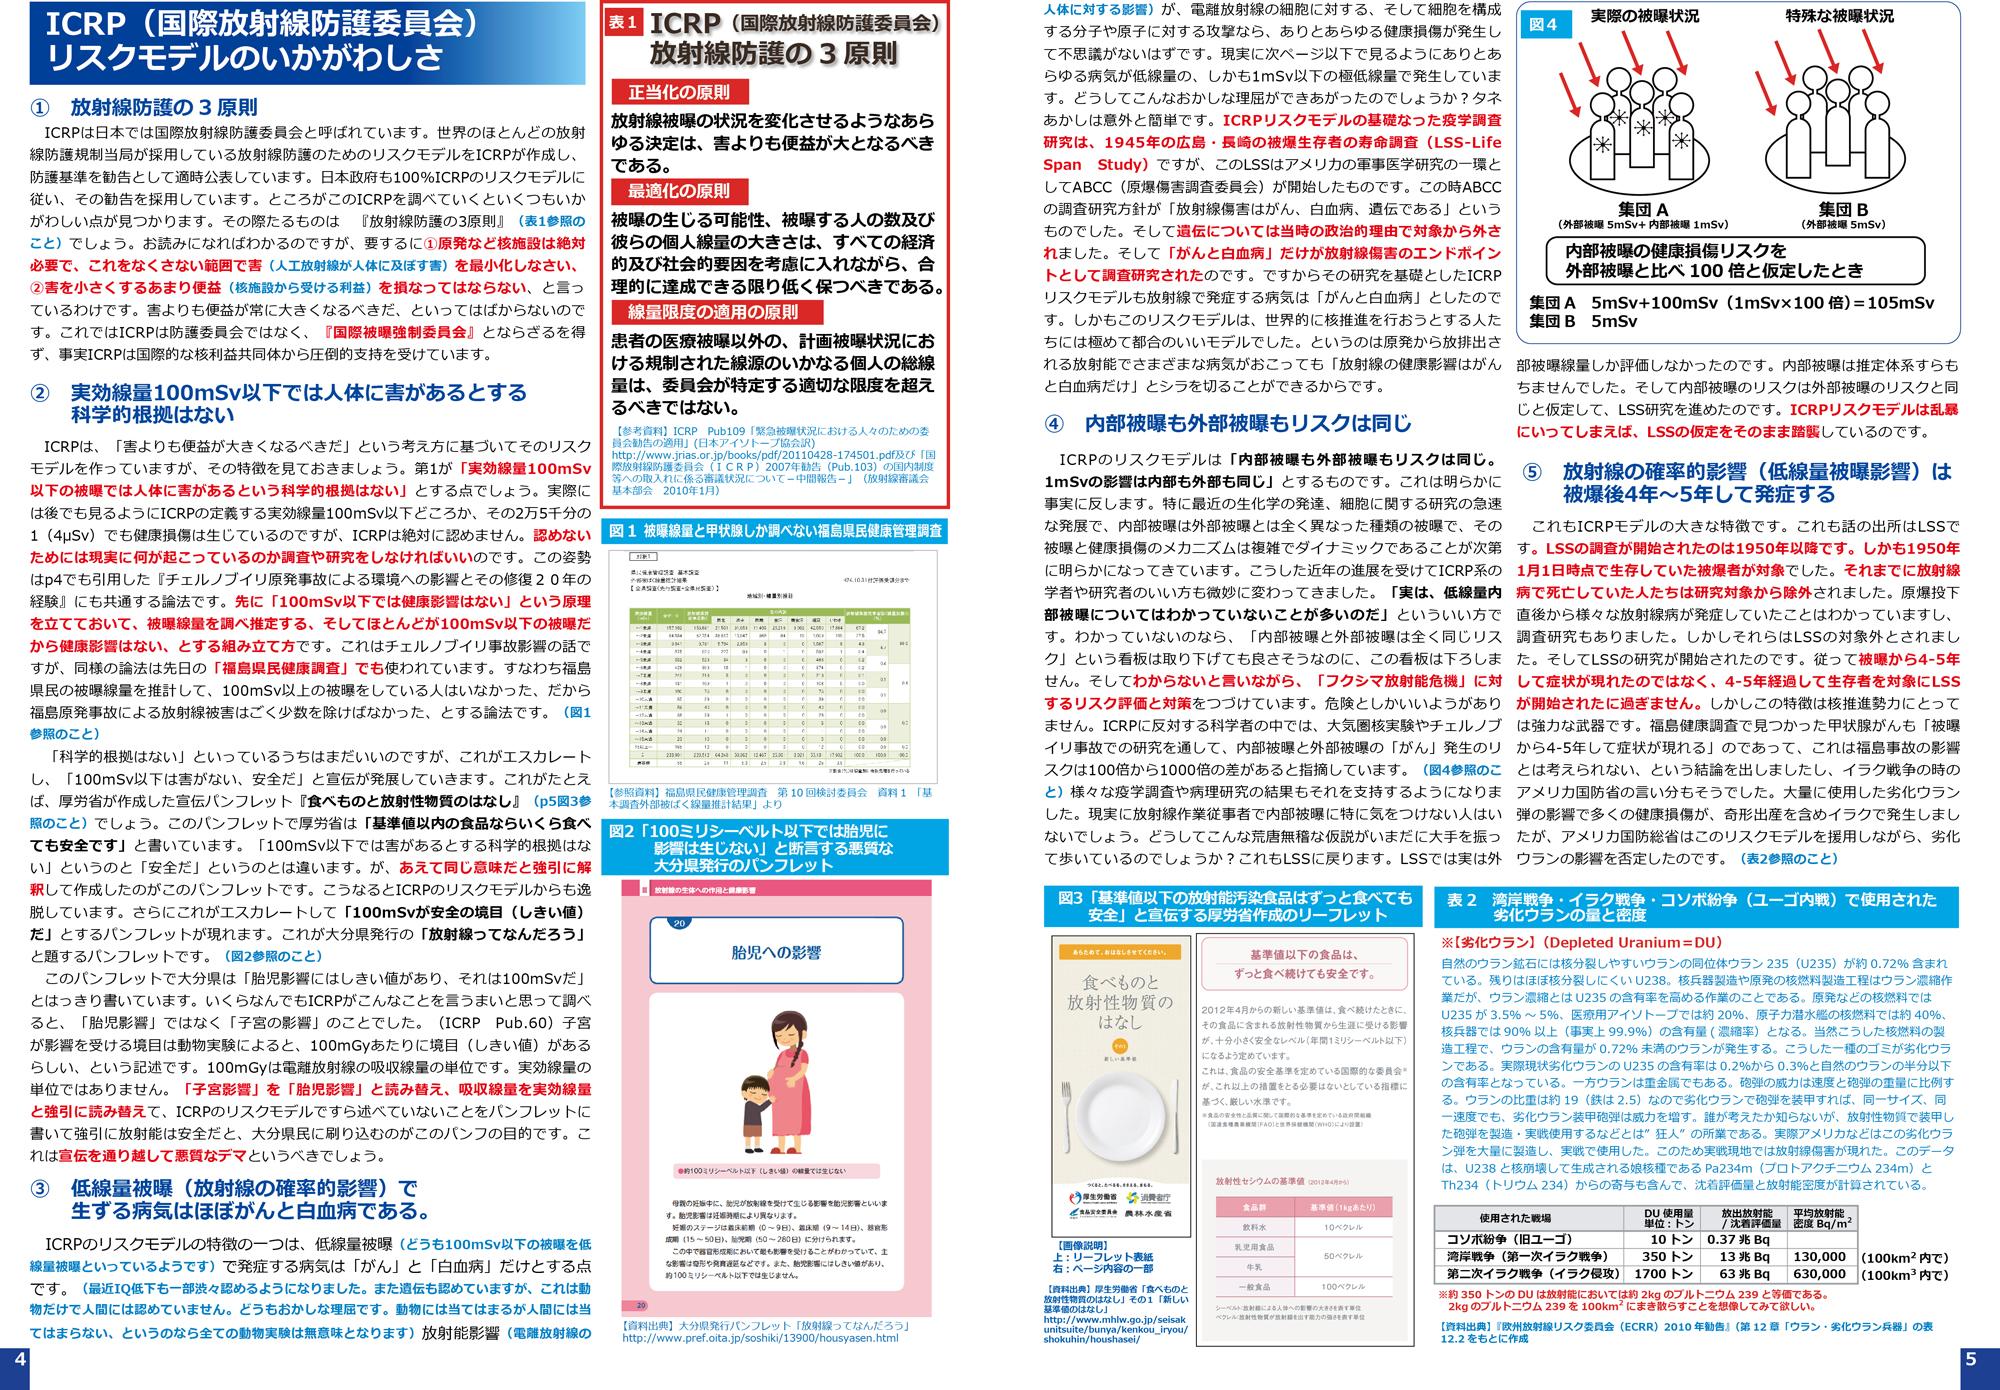 ファイル 146-4.jpg